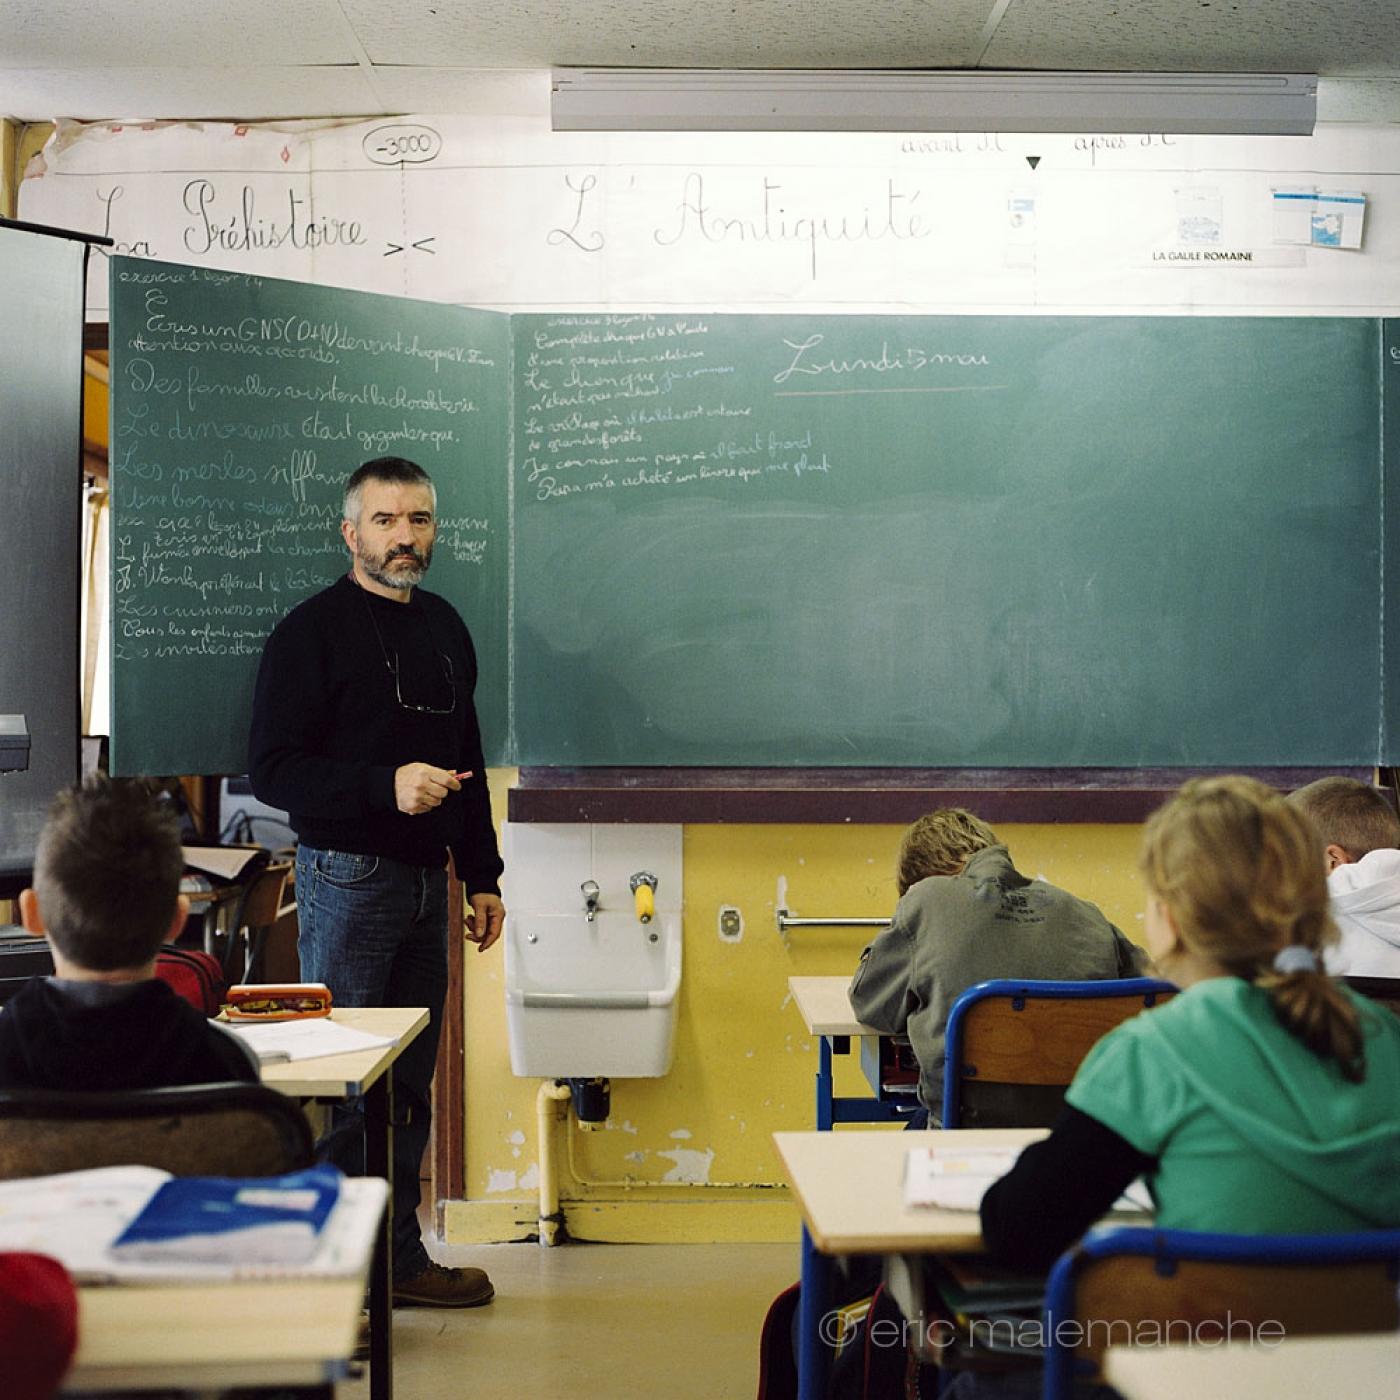 http://www.ericmalemanche.com/imagess/topics/les-bretons-de-l-argoat/liste/Bretons-Malemanche-004.jpg